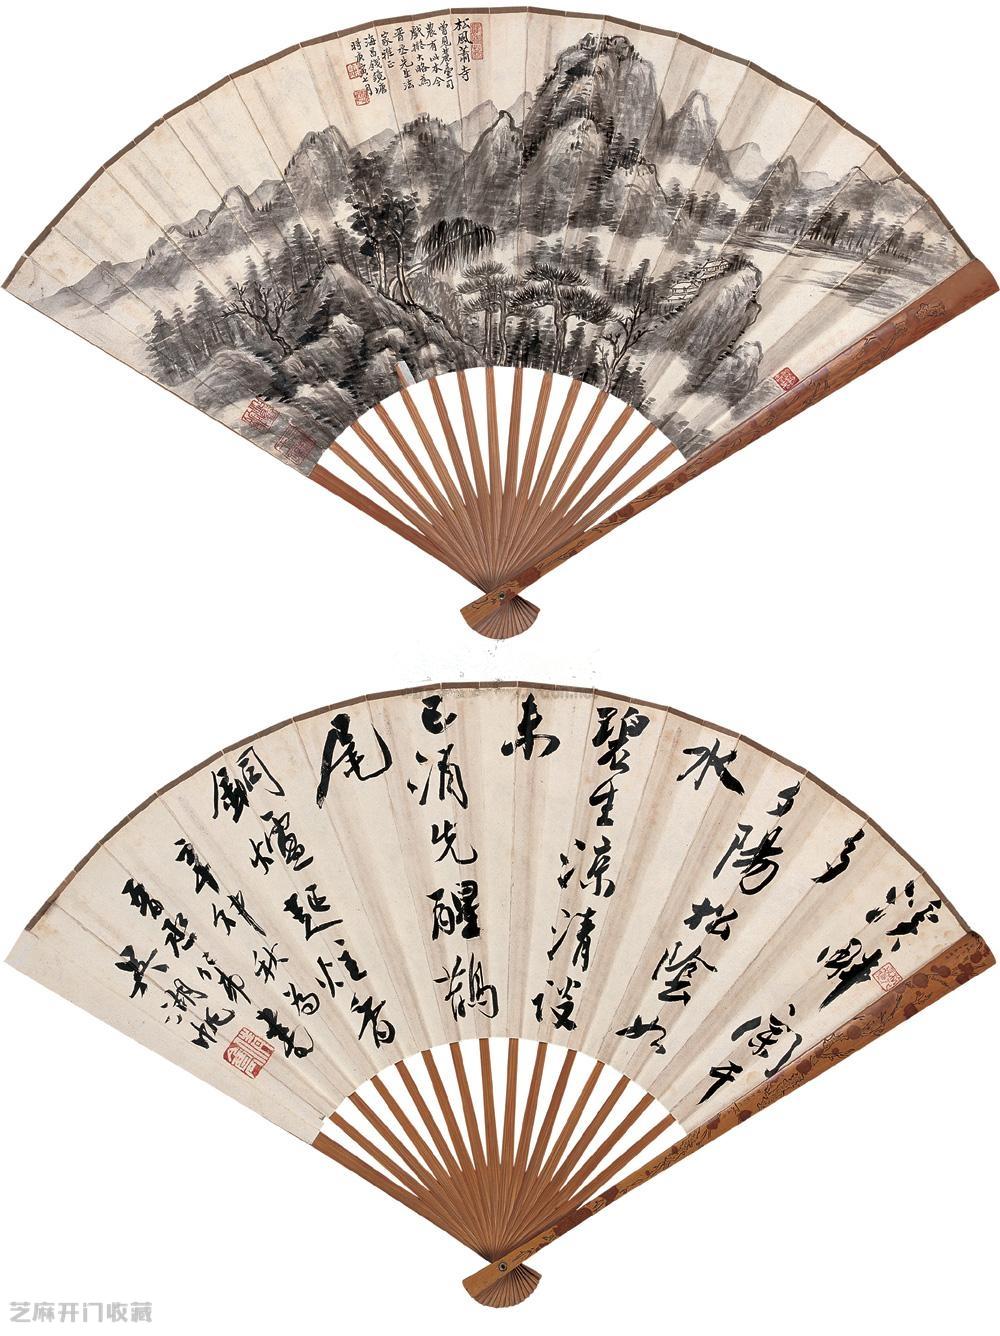 钱镜塘——中国书画的收藏大家